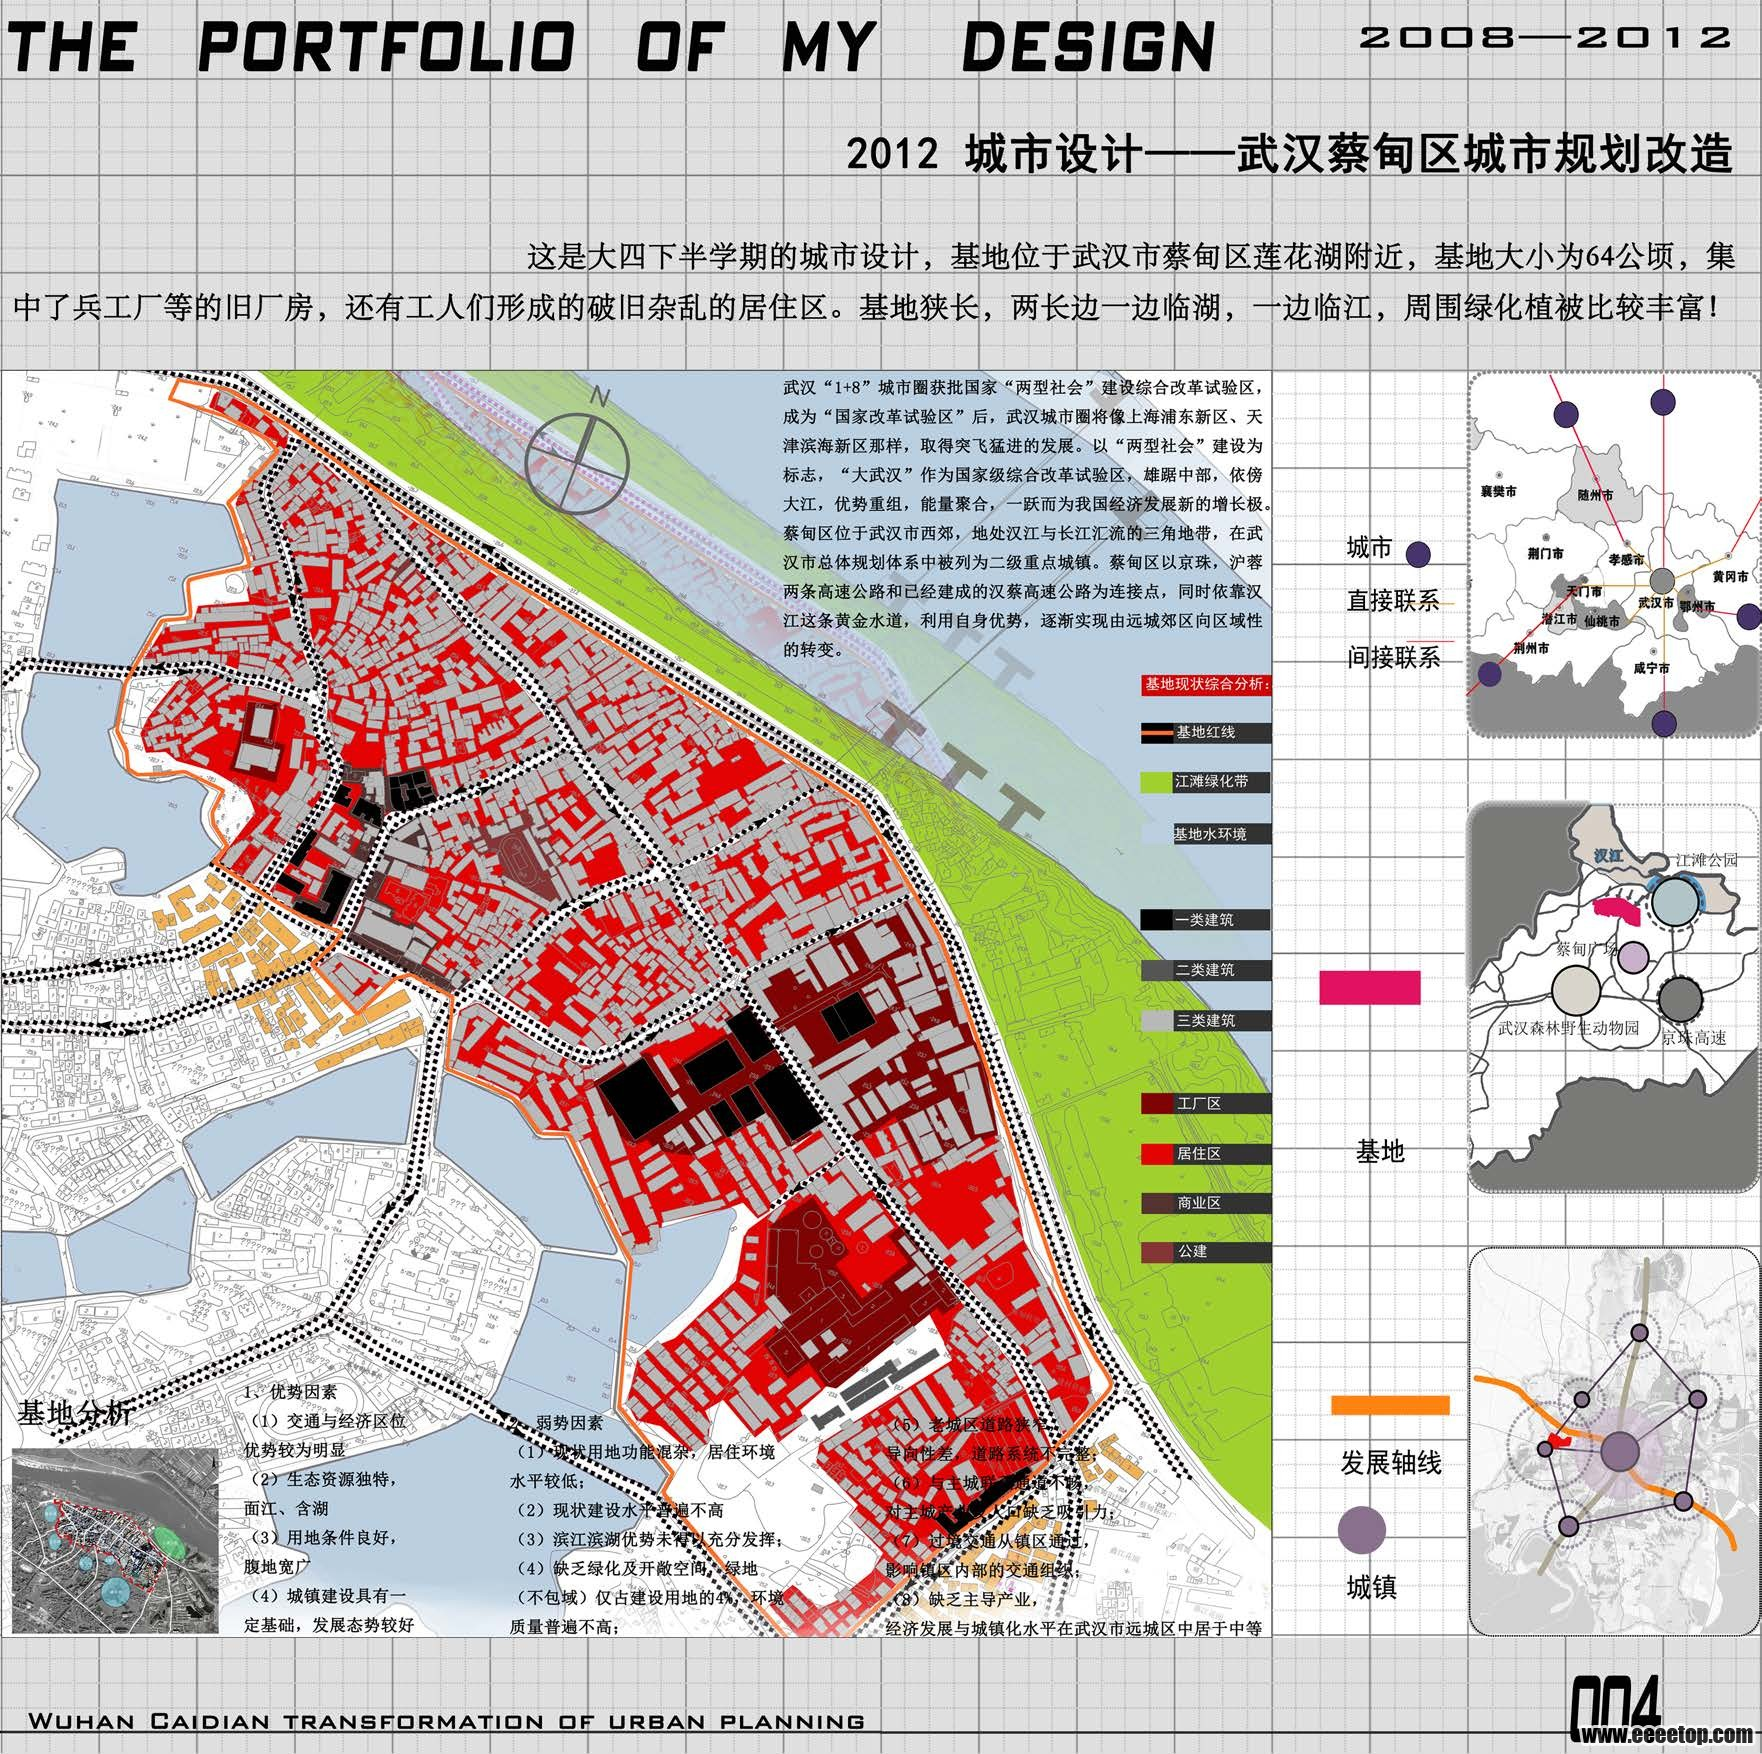 个人毕业作品集 - 大学生设计广场